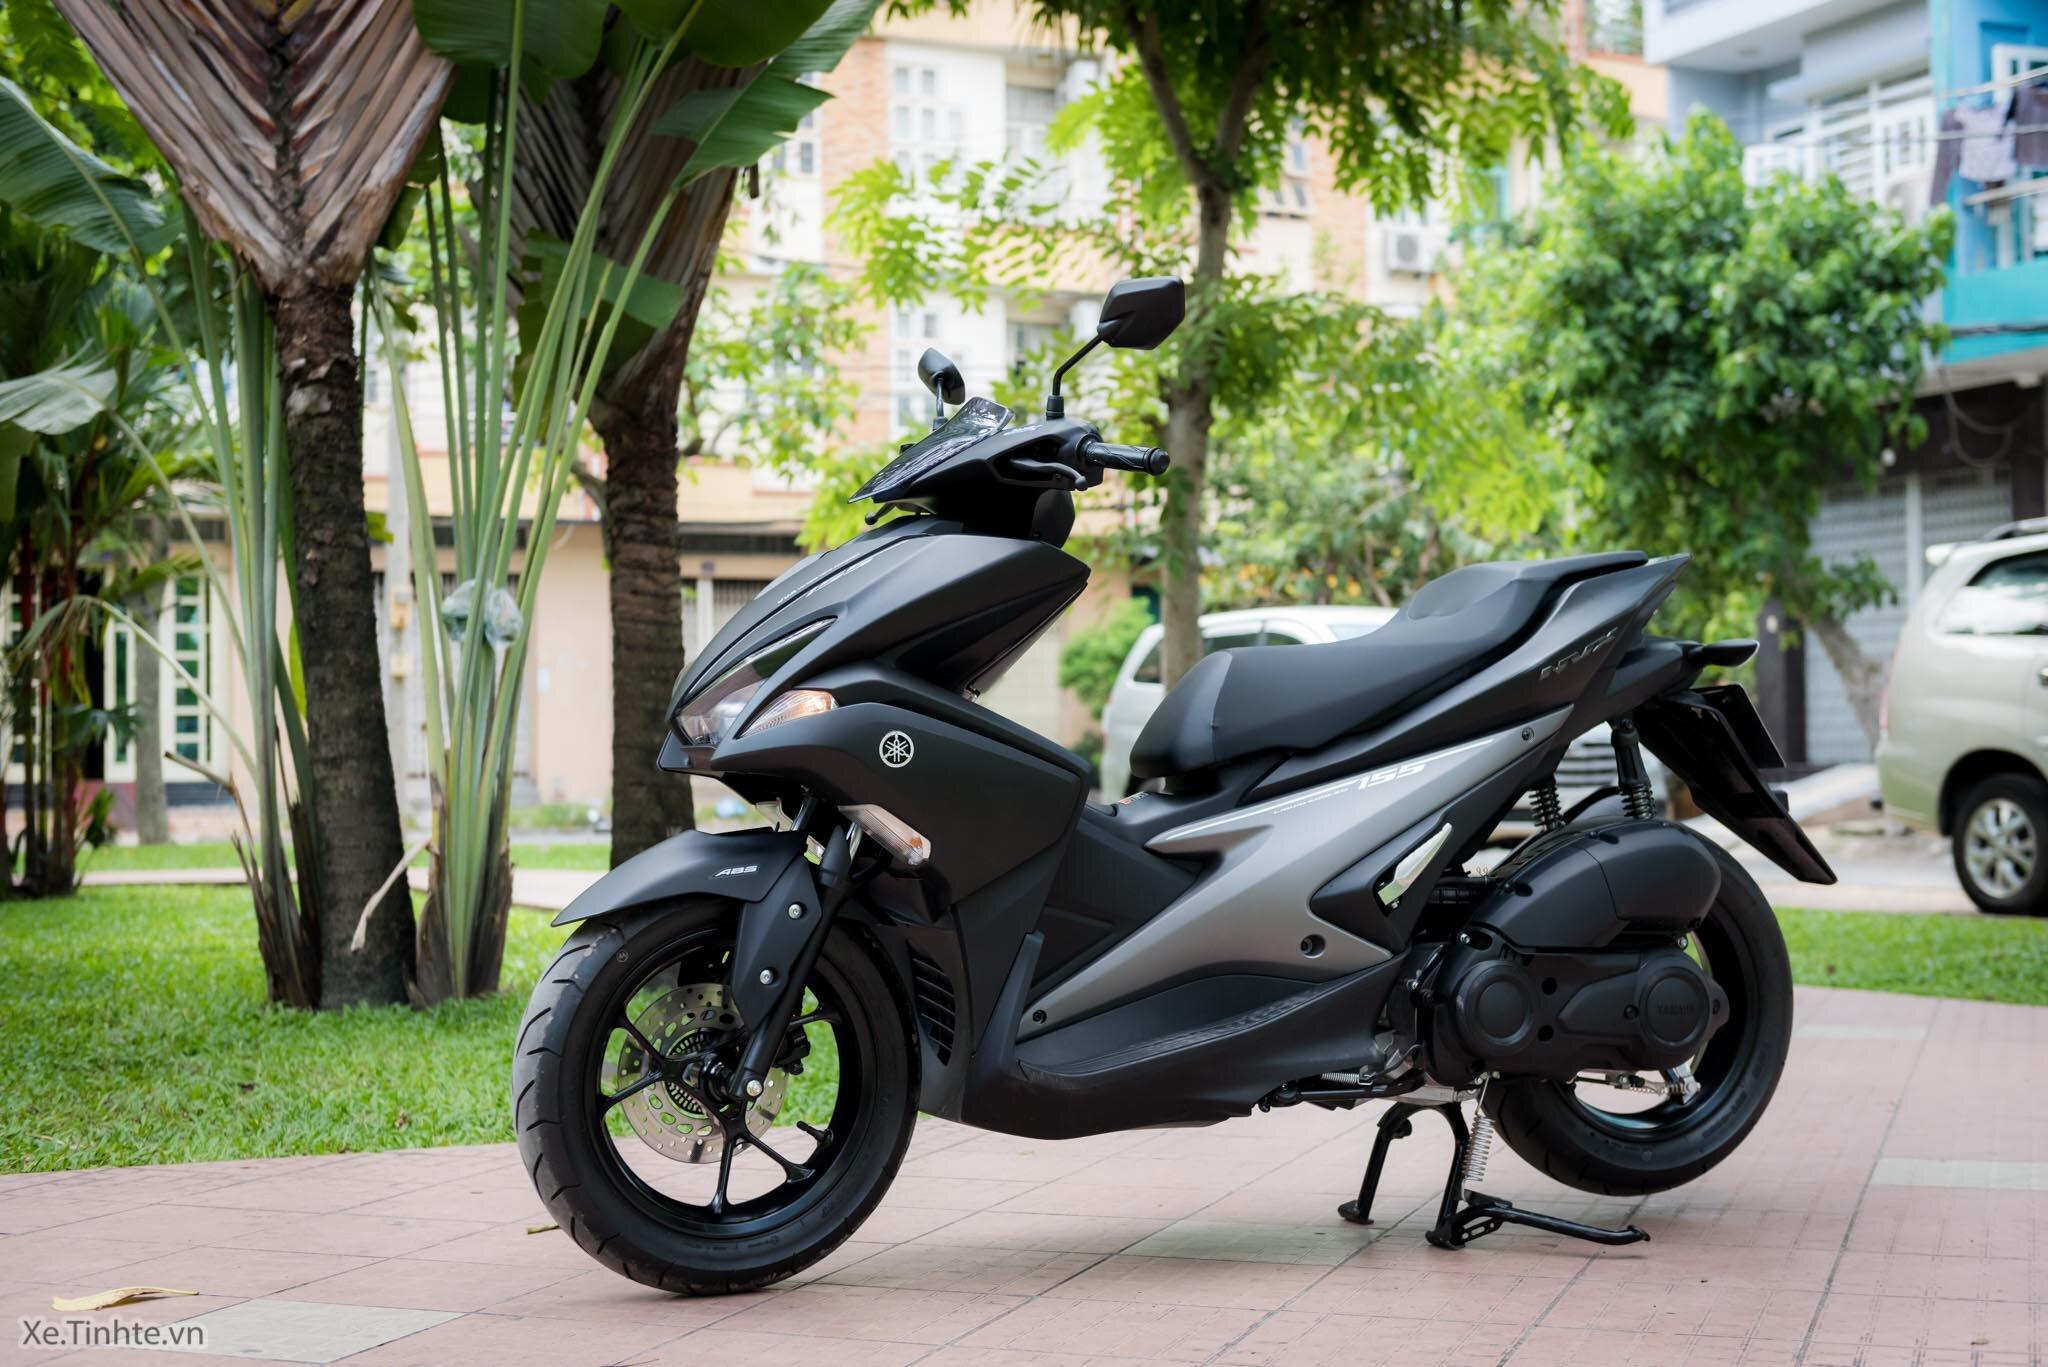 Yamaha NVX 155 2020 tích hợp hệ thống phanh ABS